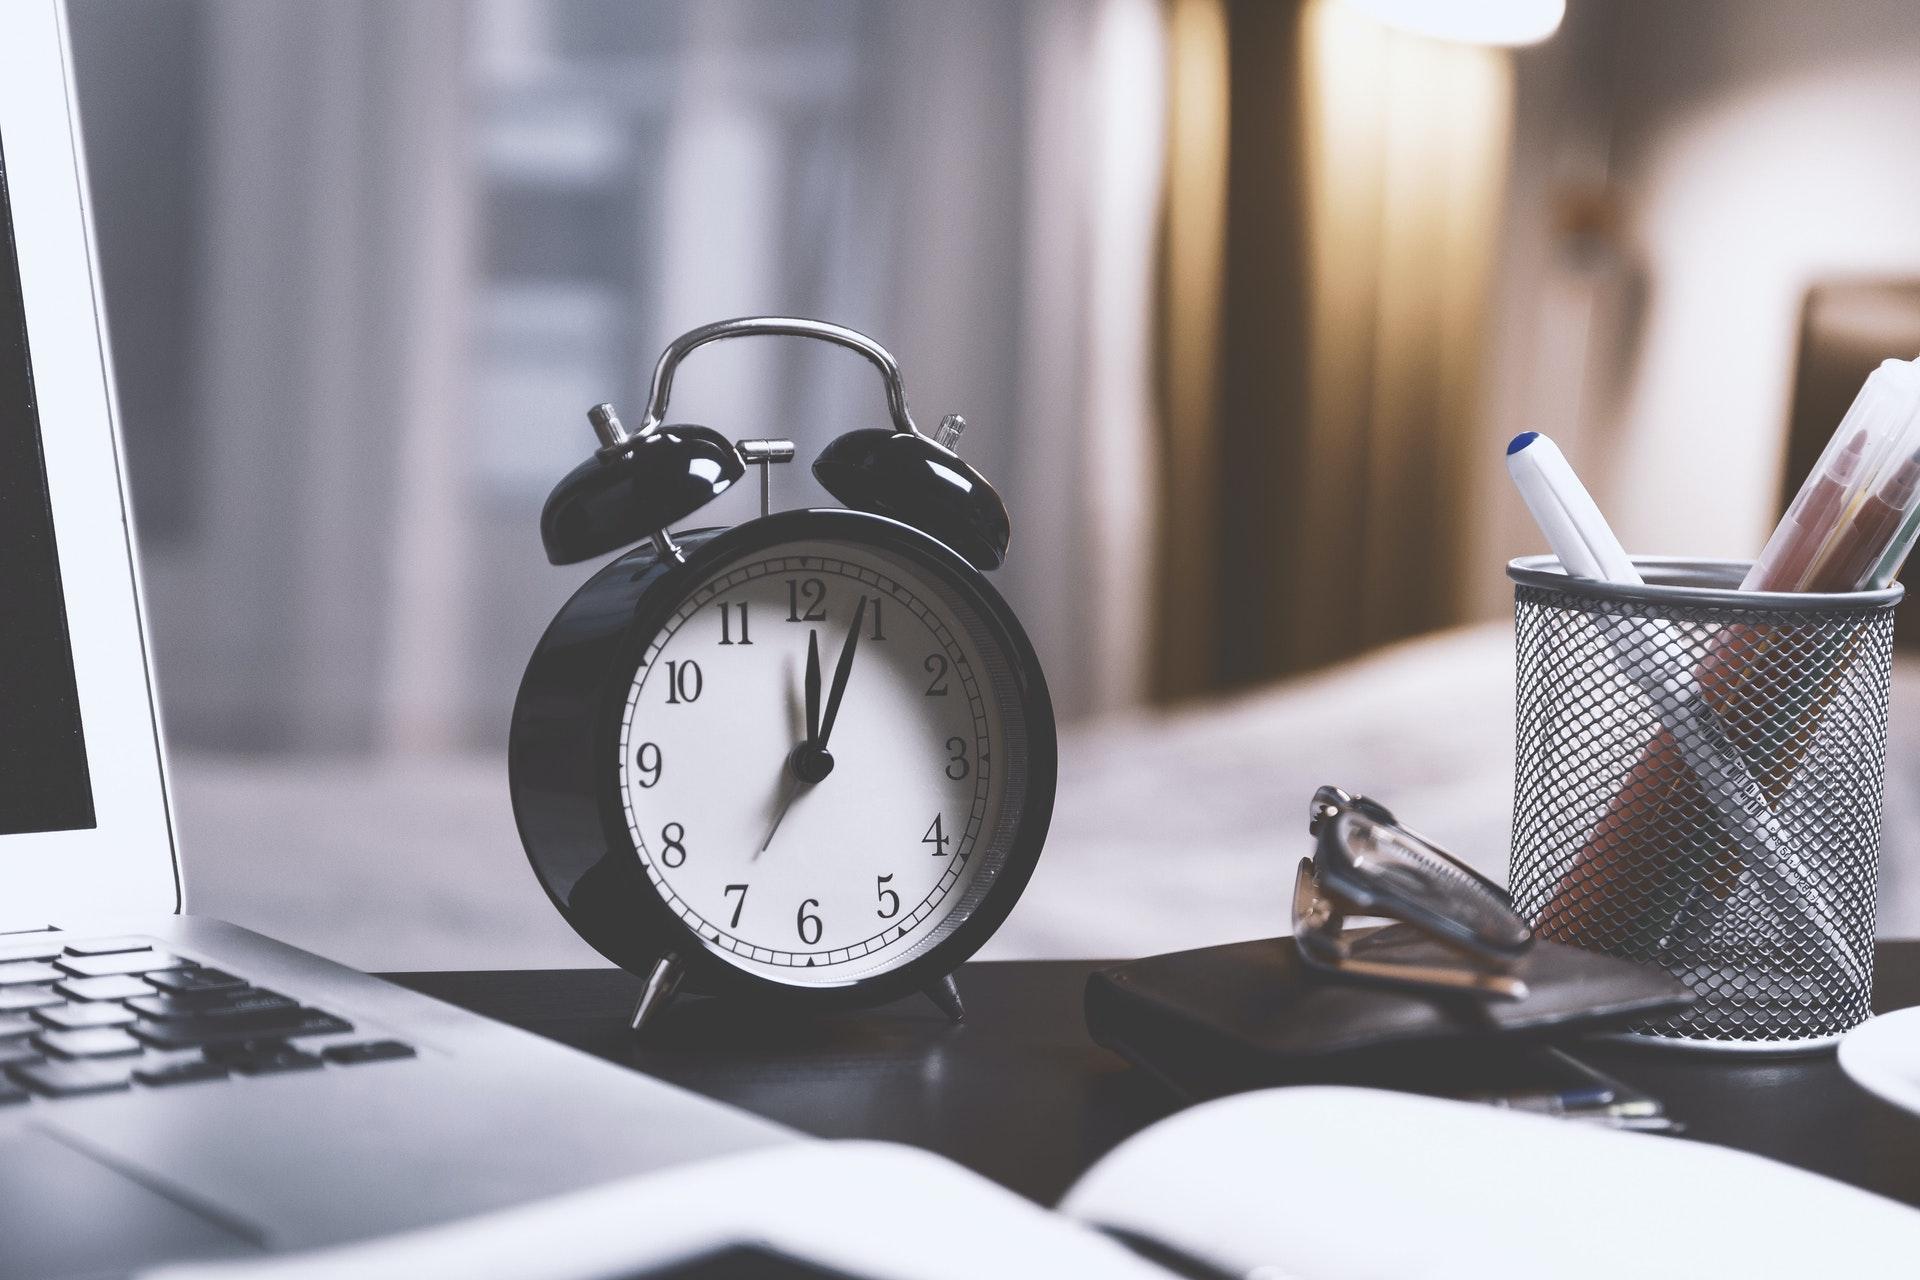 5-minute webinar strategy